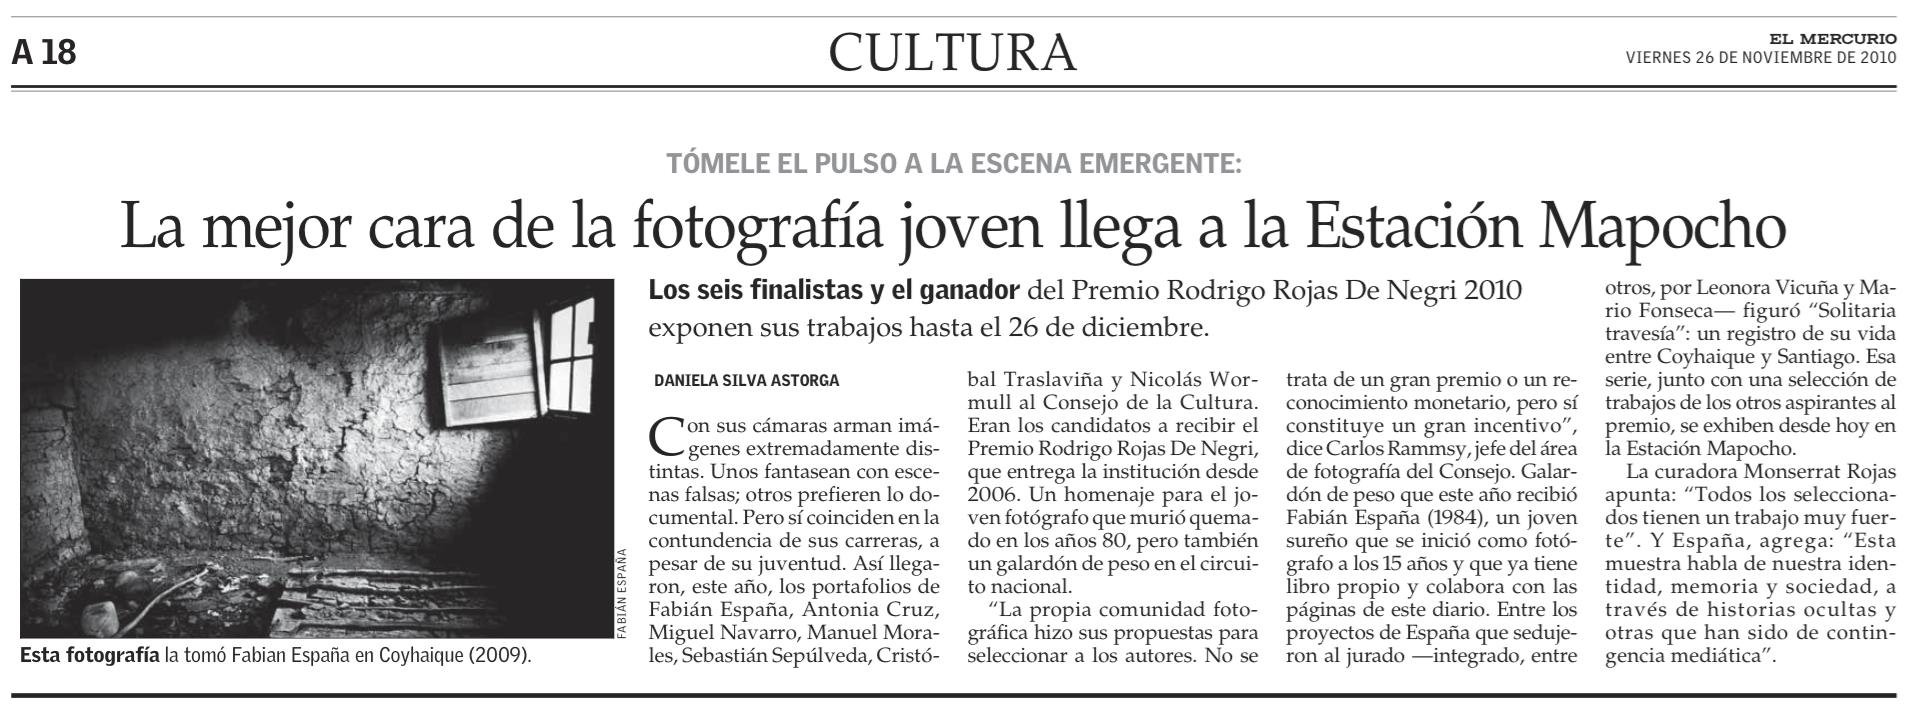 """Exposición premio """"Rodrigo Rojas Denegri"""", El Mercurio, Cultura."""